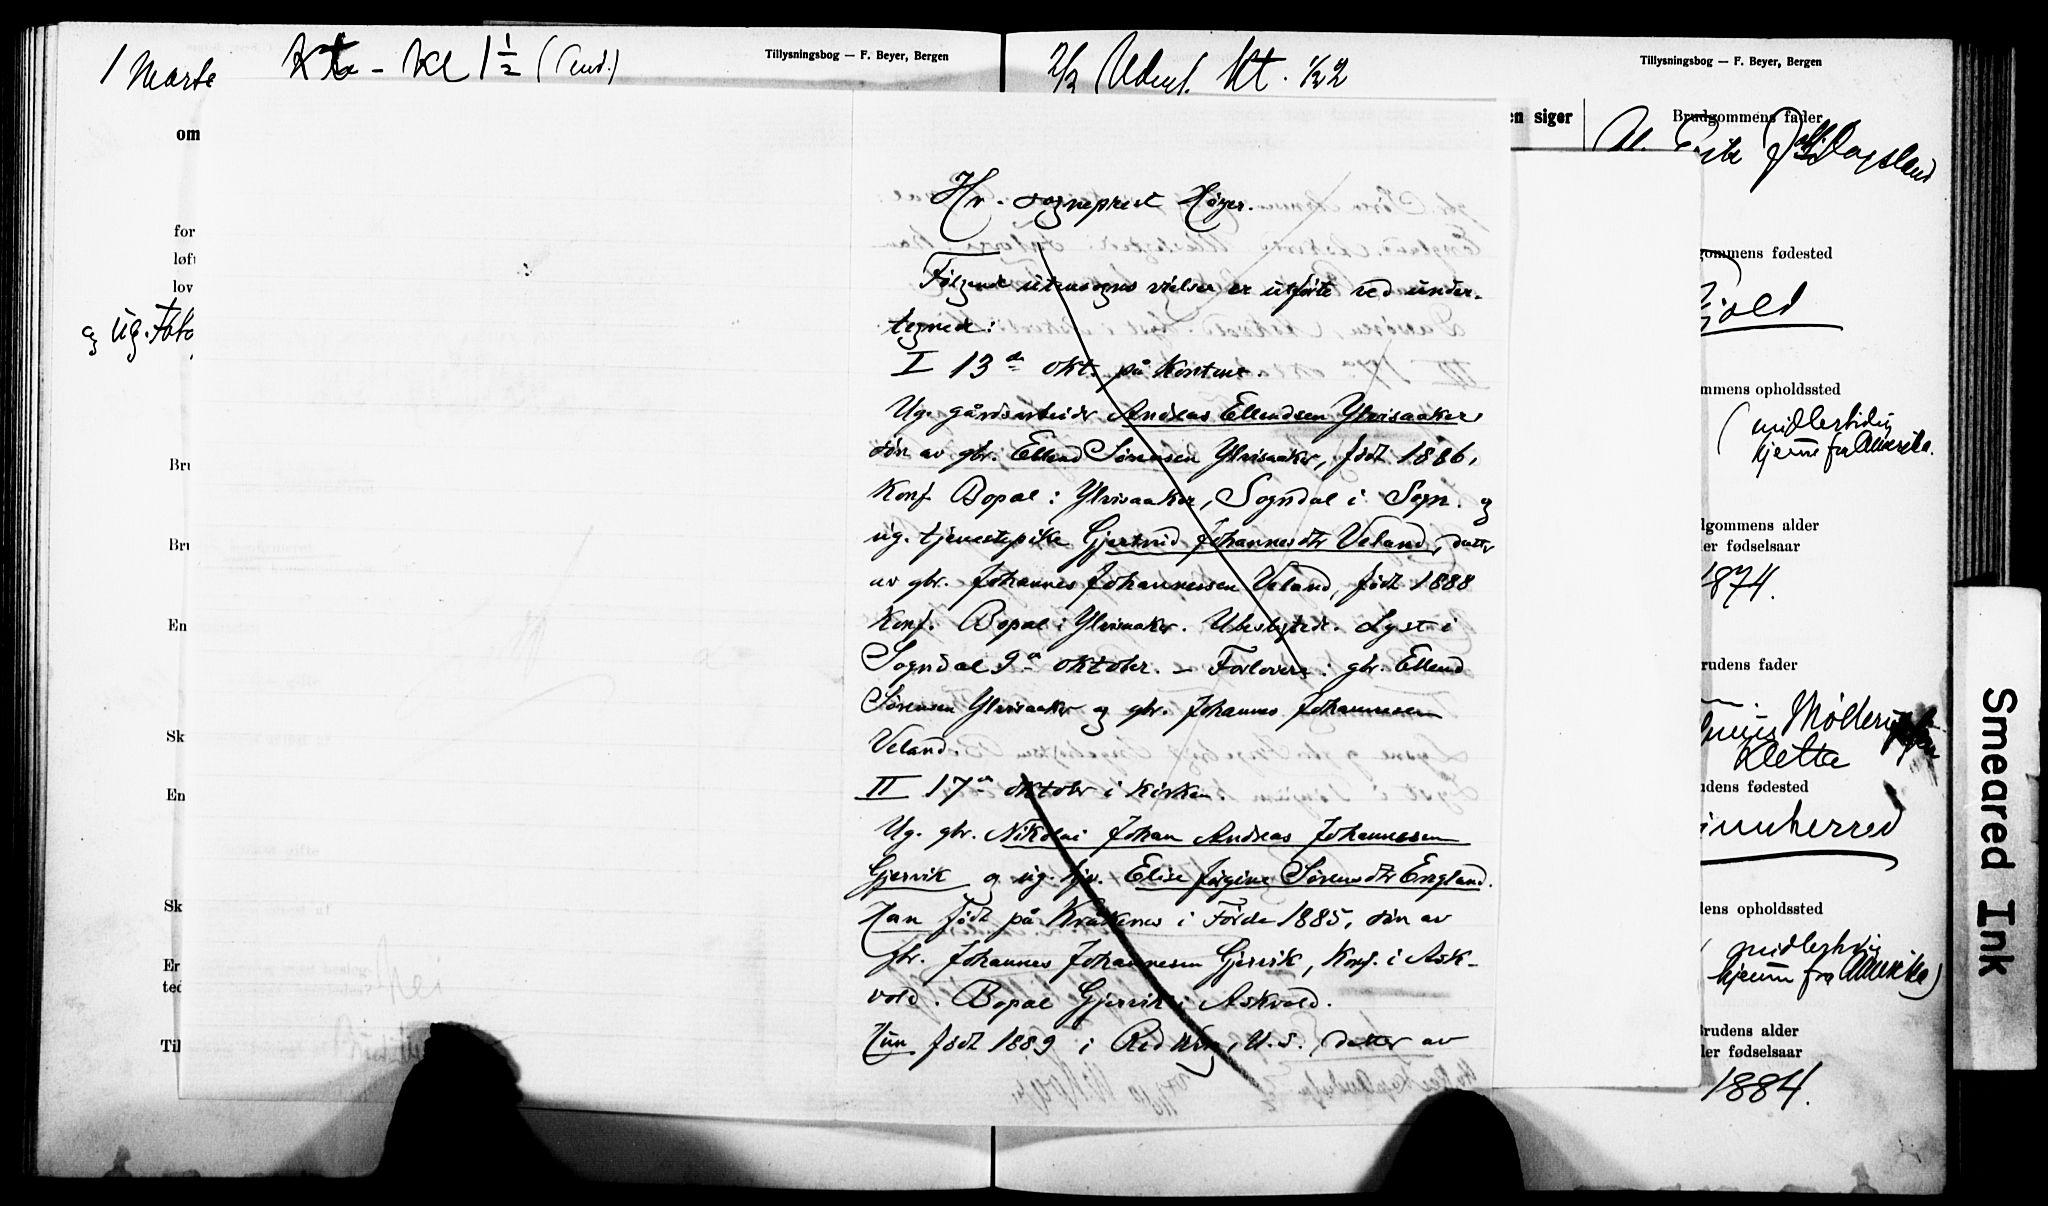 SAB, Nykirken Sokneprestembete, Forlovererklæringer nr. II.5.5, 1907-1912, s. 270